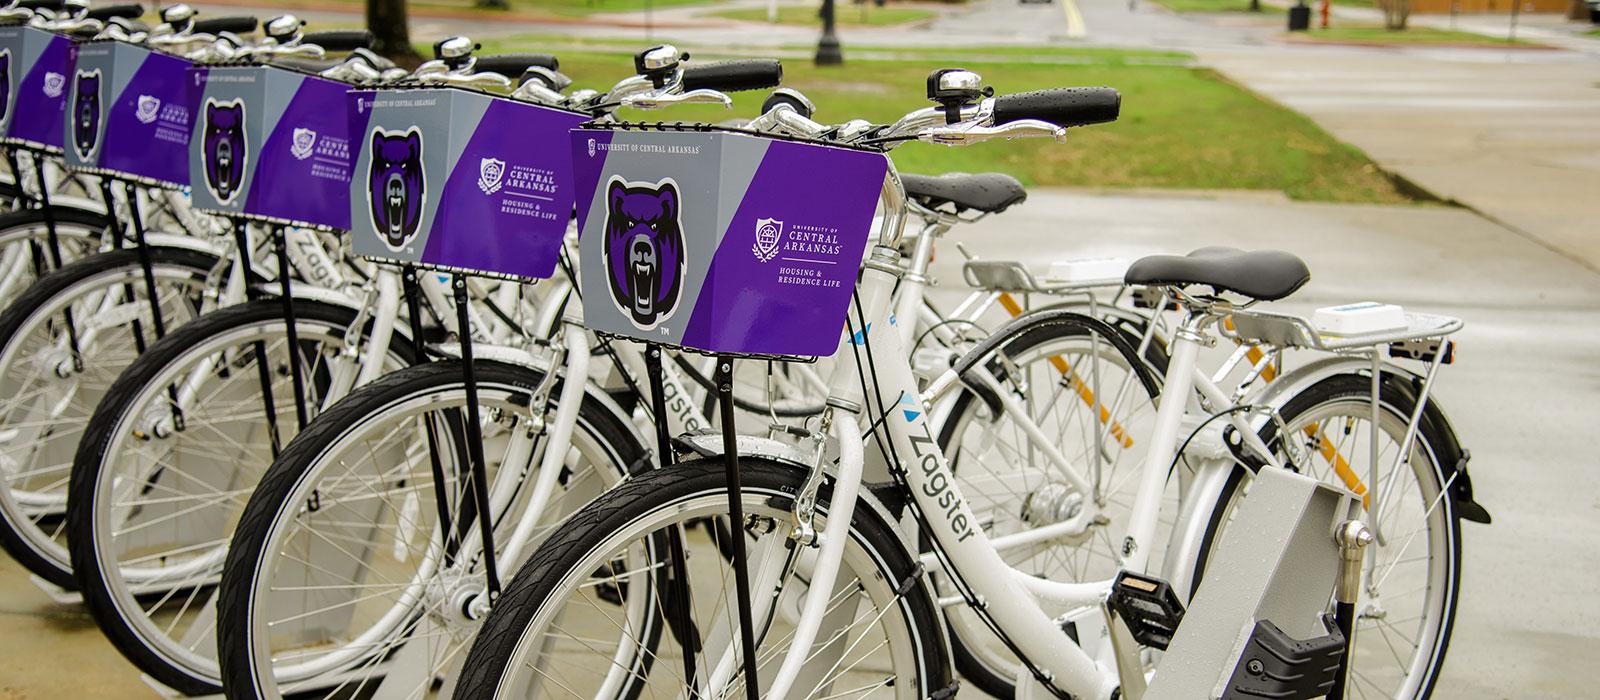 Zagster Bike Share